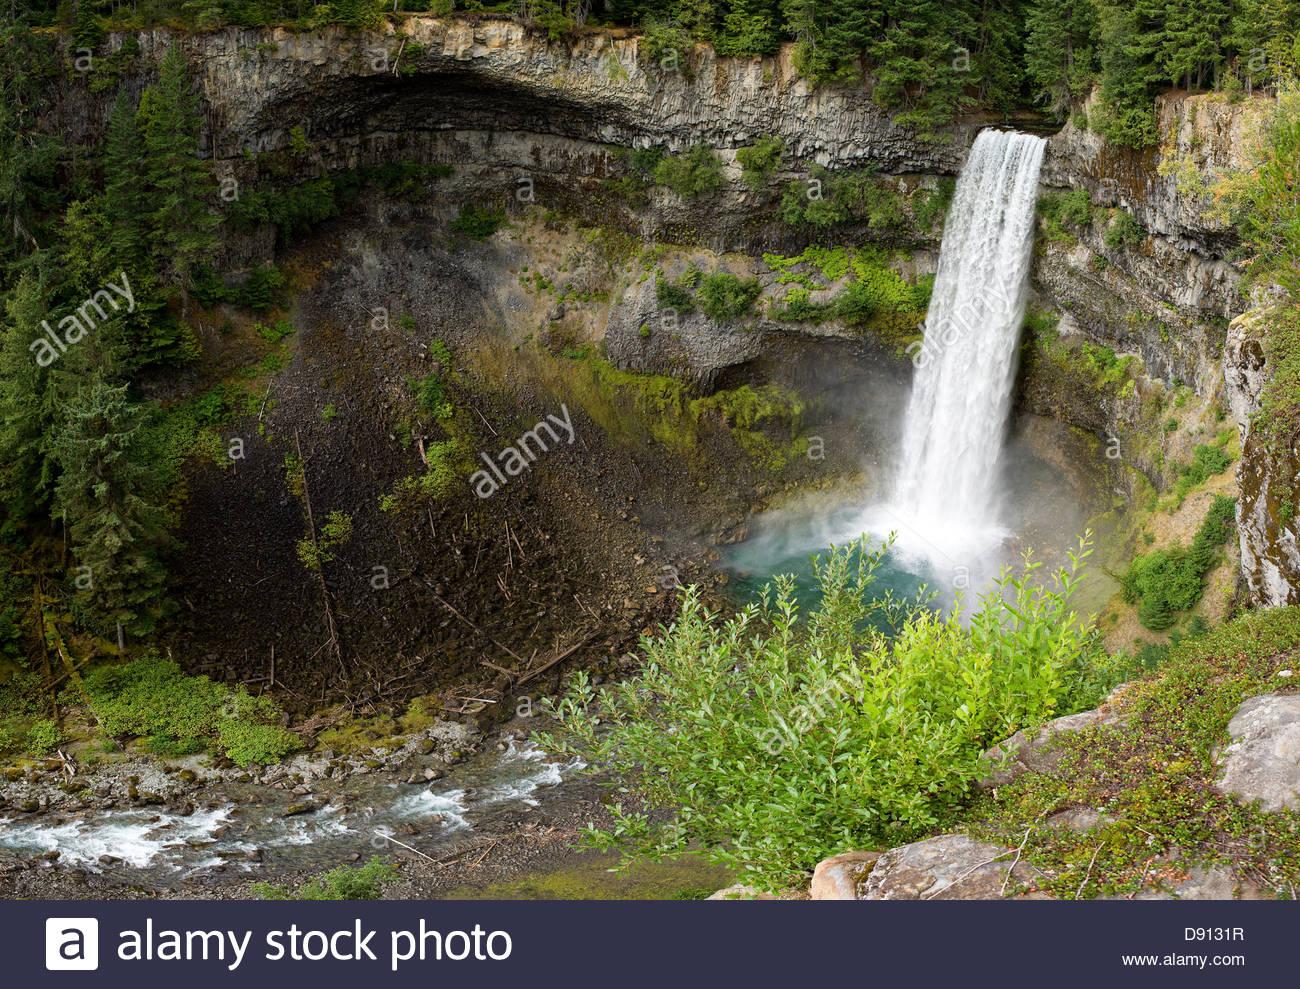 Brandywine Falls (70 metre waterfall), Brandywine Falls Provincial Park, British Columbia, Canada - Stock Image